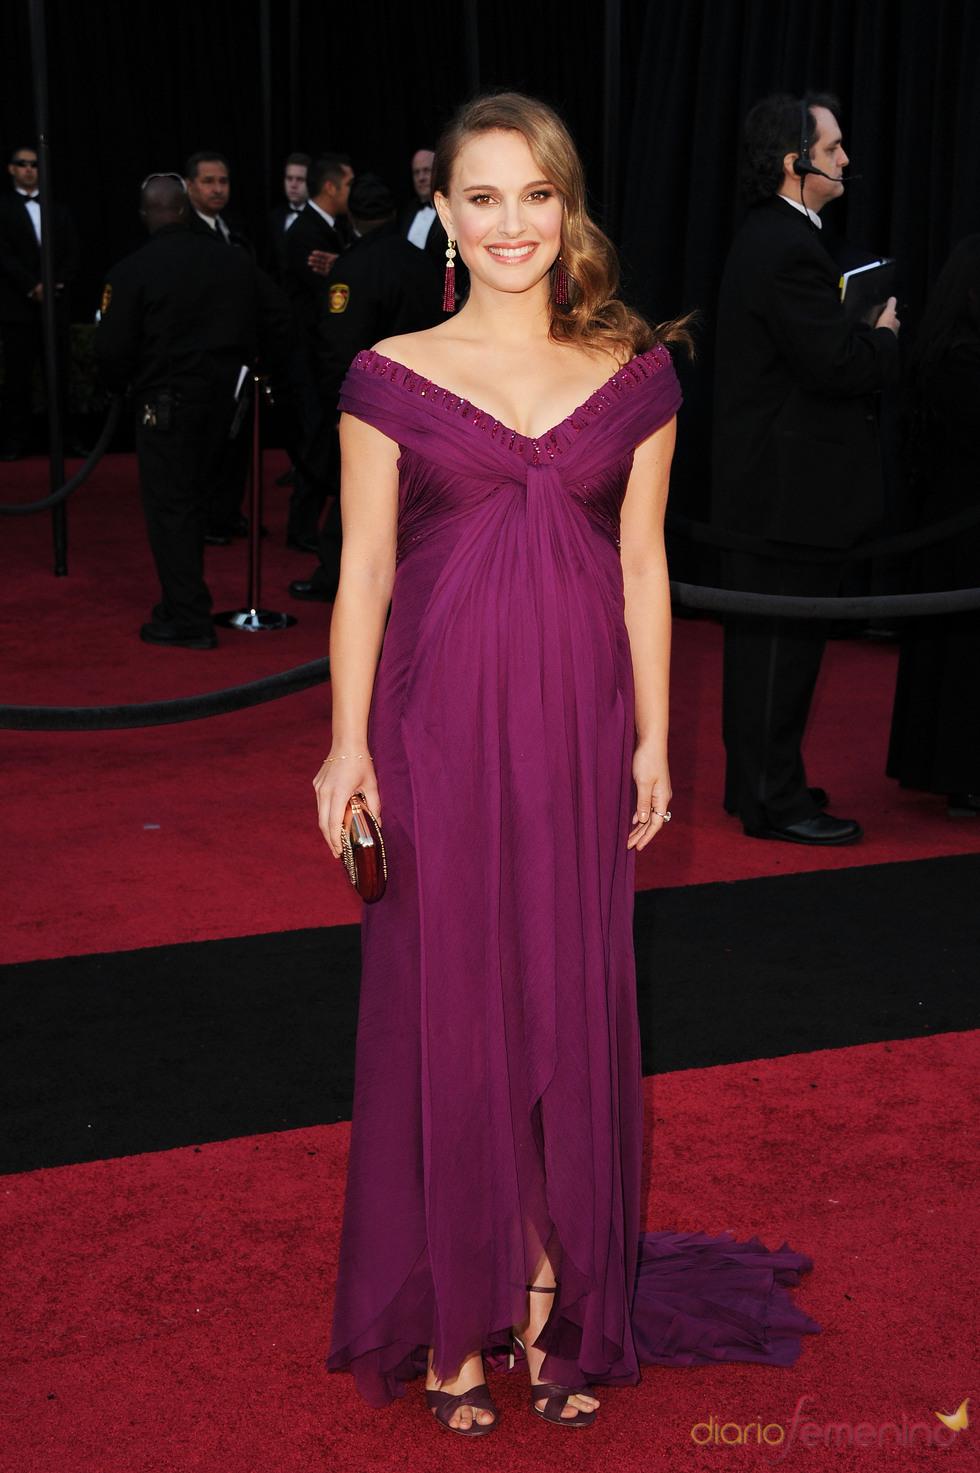 Natalie Portman en la alfombra roja de los Oscar 2011